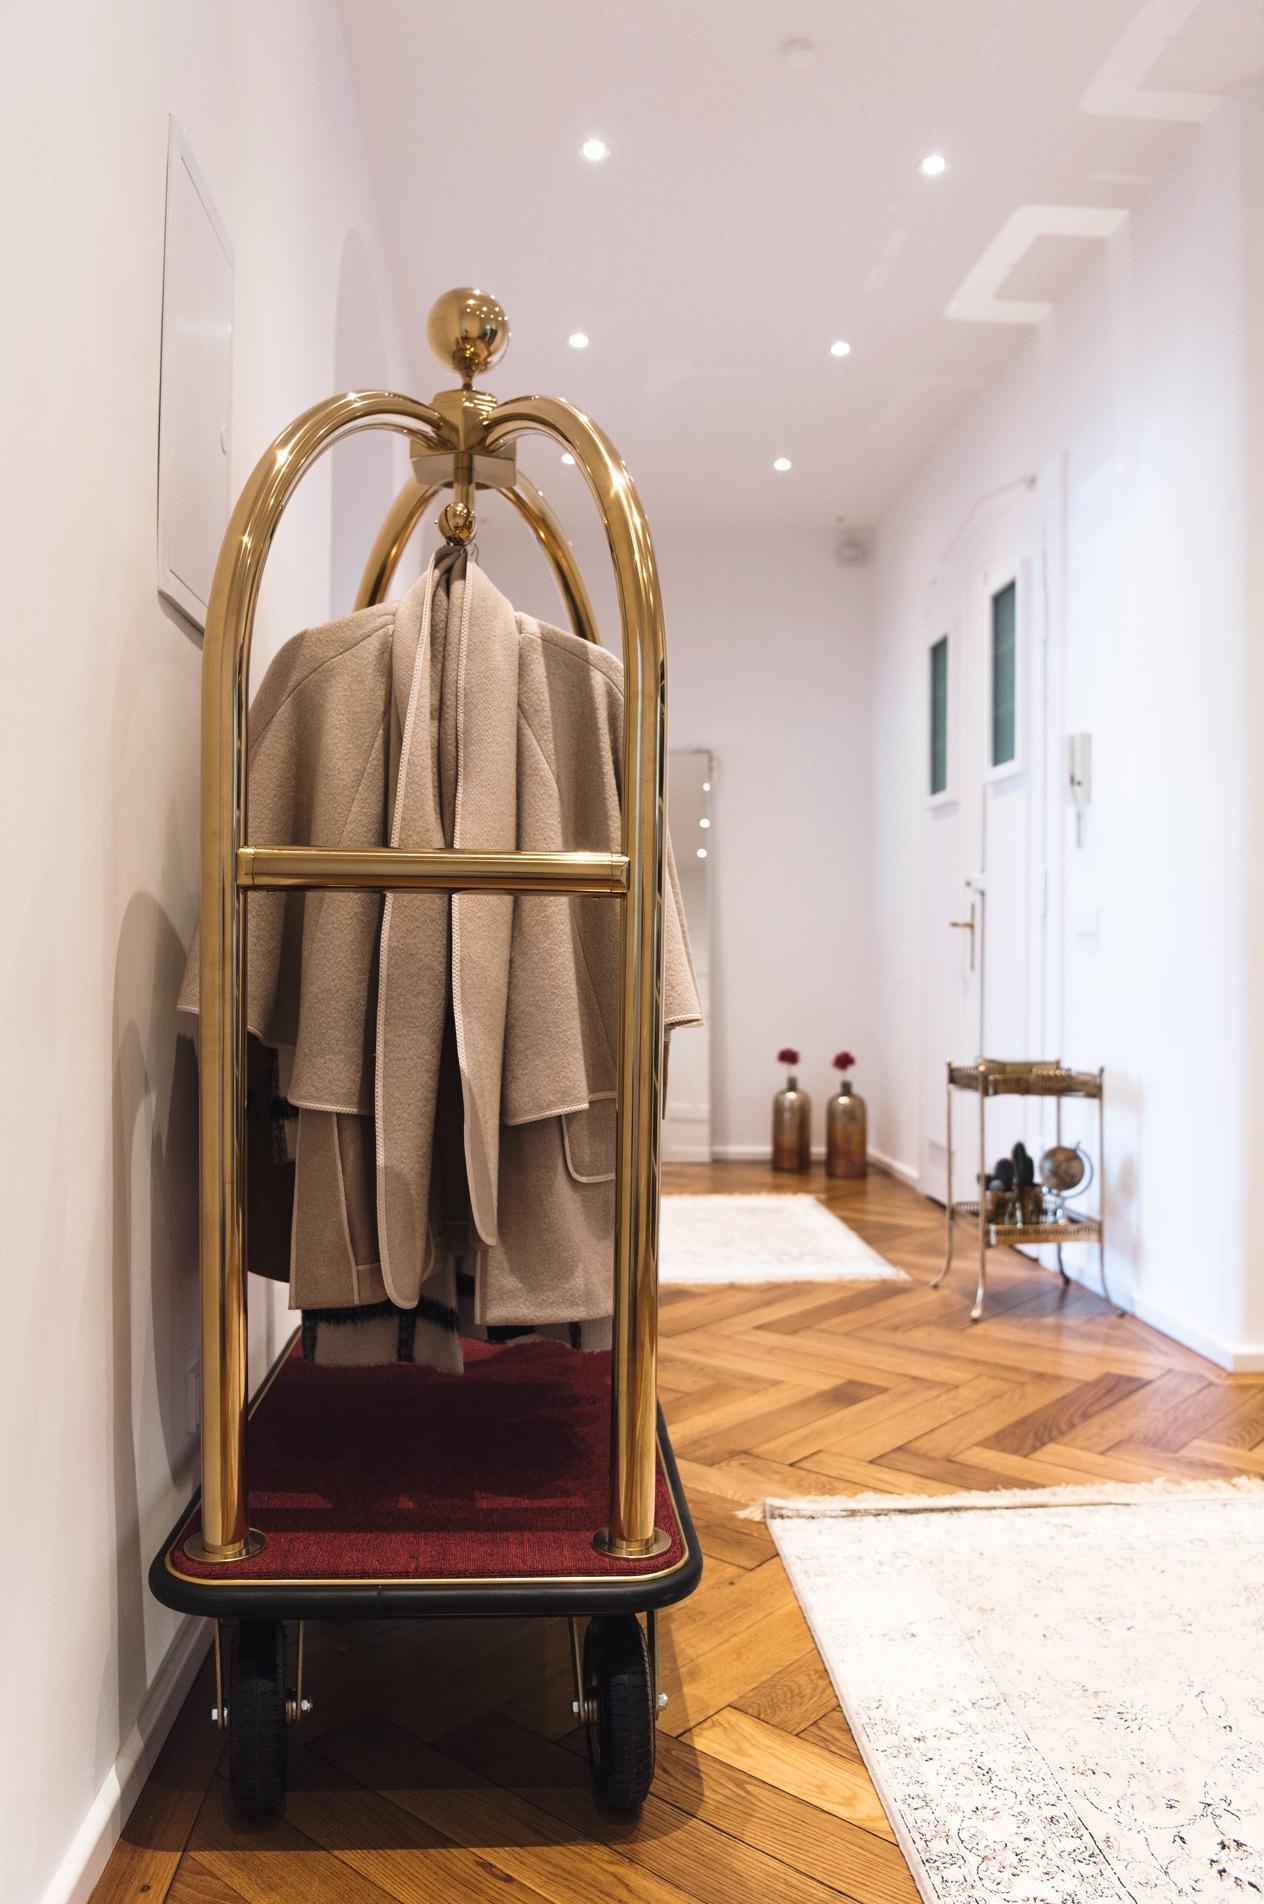 hotel-gepäckwagen-gold-mit-rotem-teppich-als-garderobe-jackenständer-in-der-wohnung-nina-fashiioncarpet-hotelwagen-interior-inspiration-blogger-wohnung